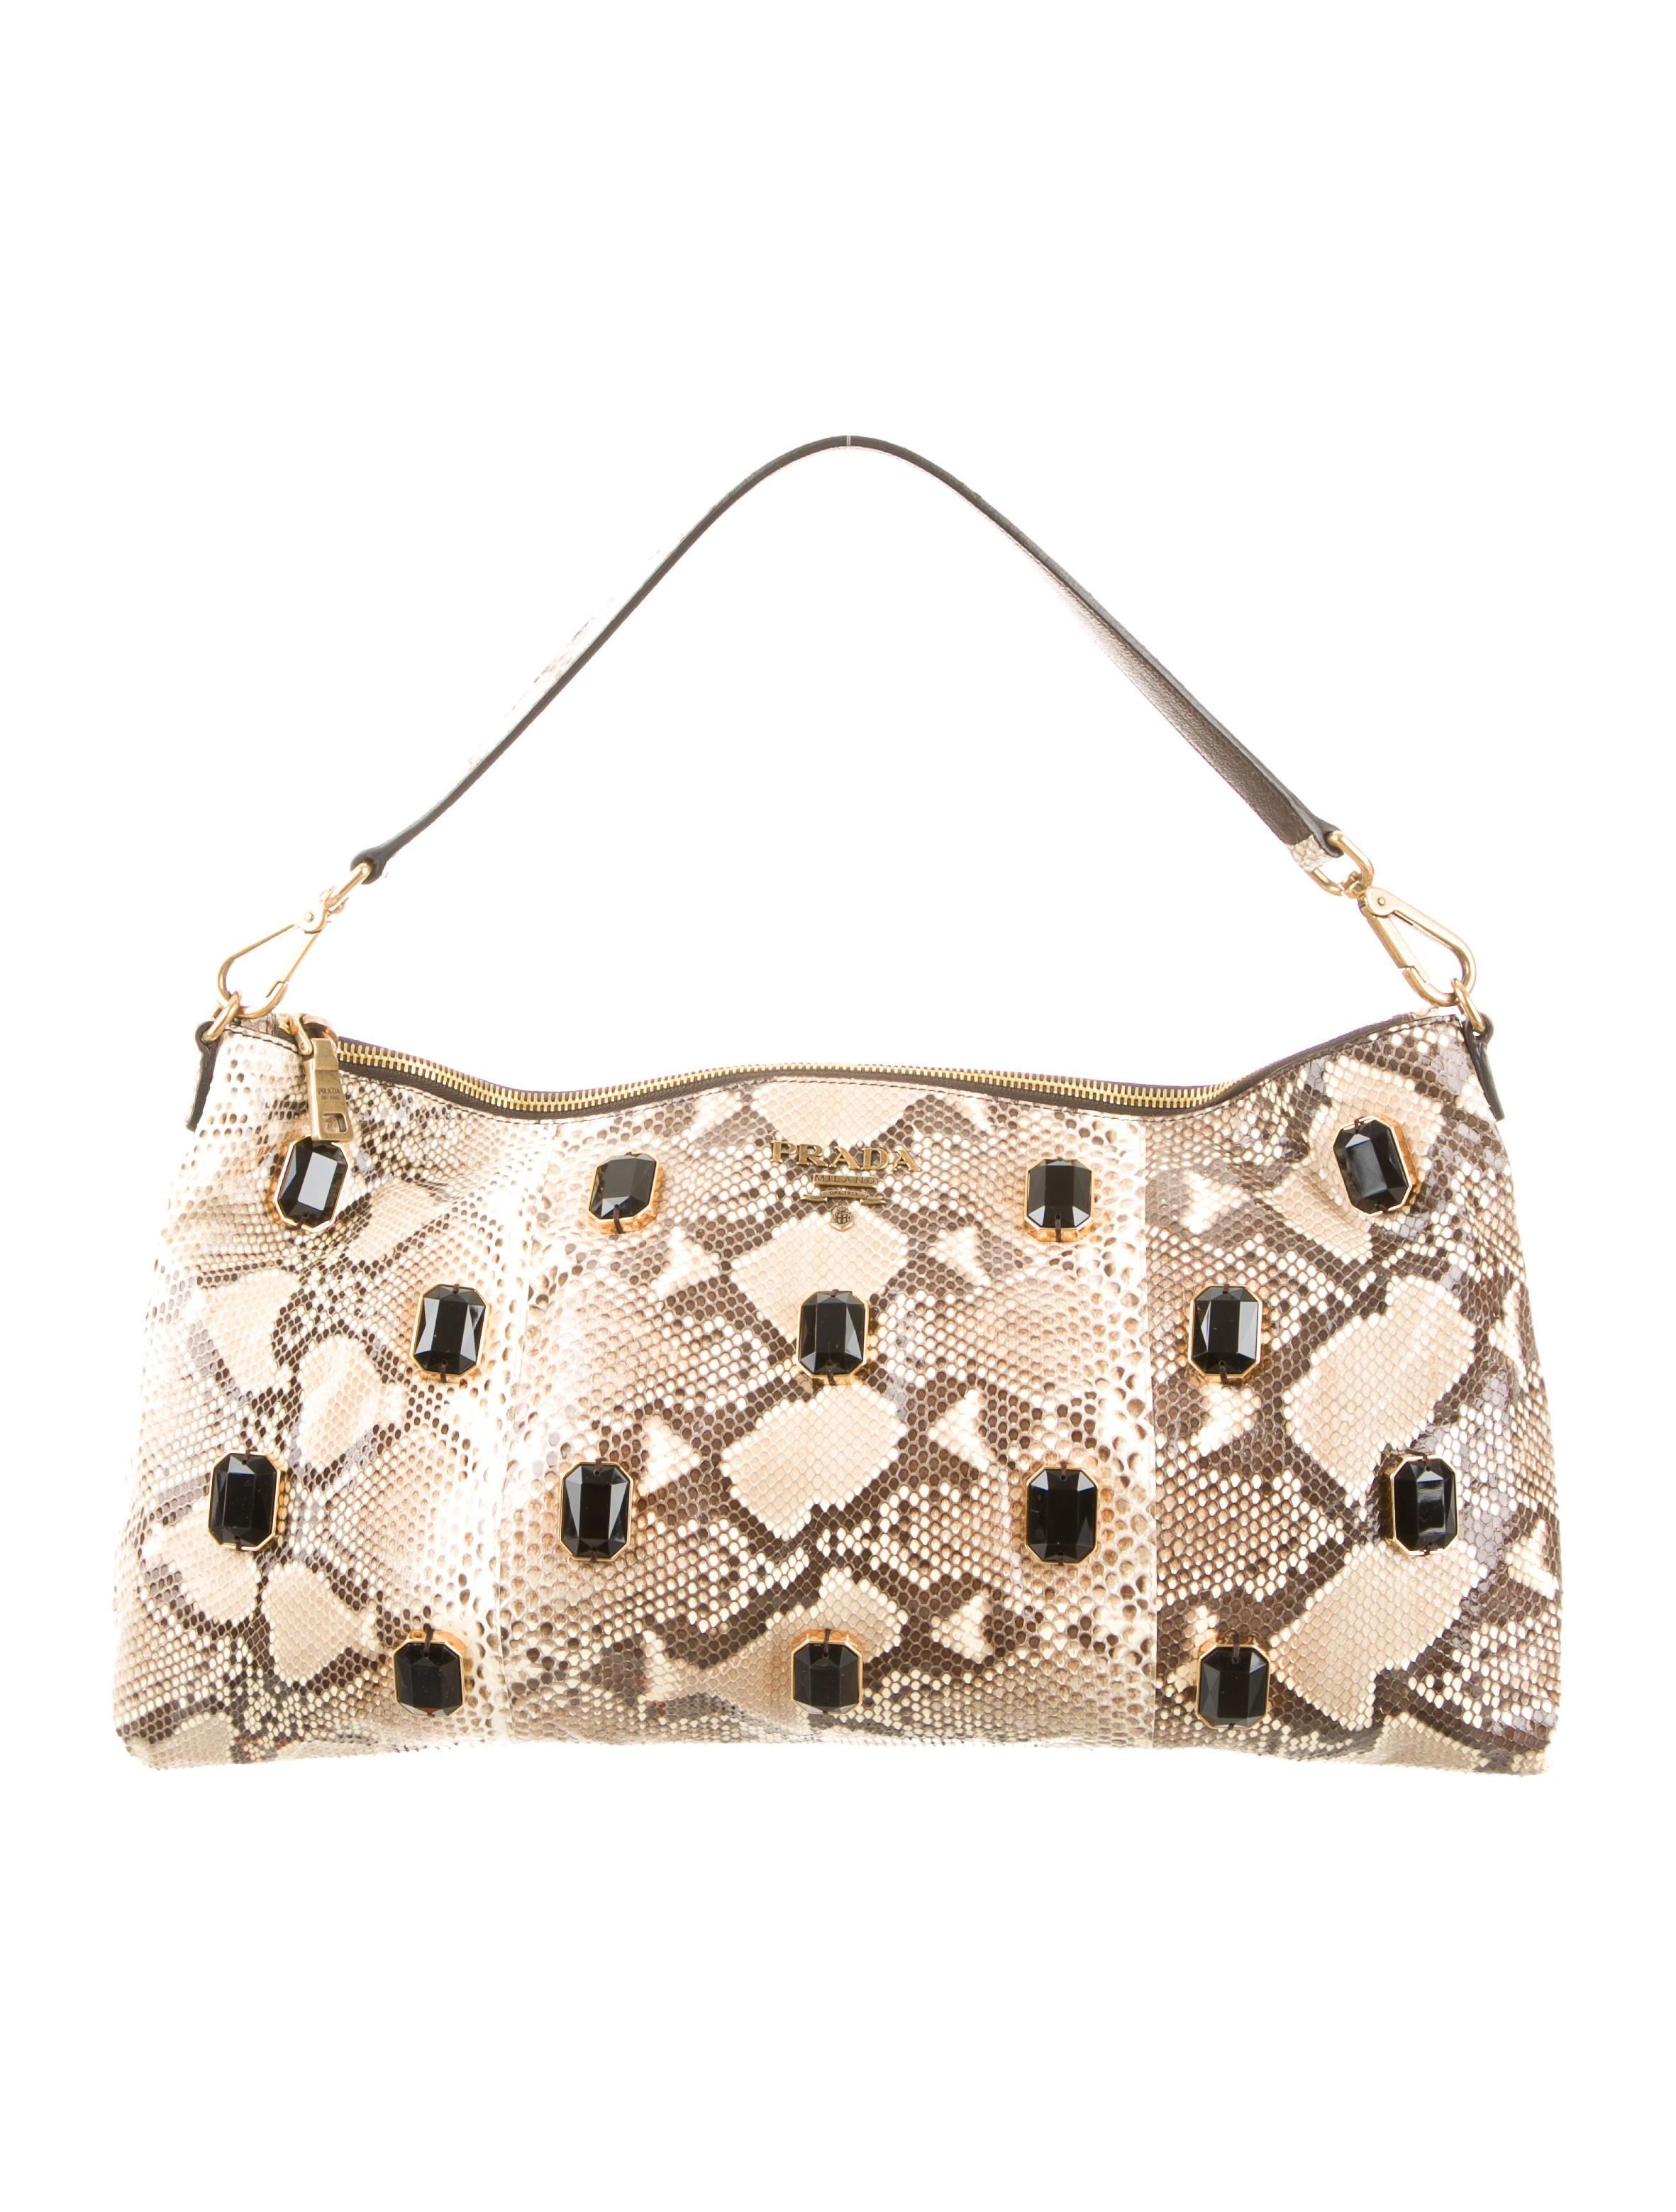 prada wallet price - Prada Python Pietre Shoulder Bag - Handbags - PRA73621 | The RealReal